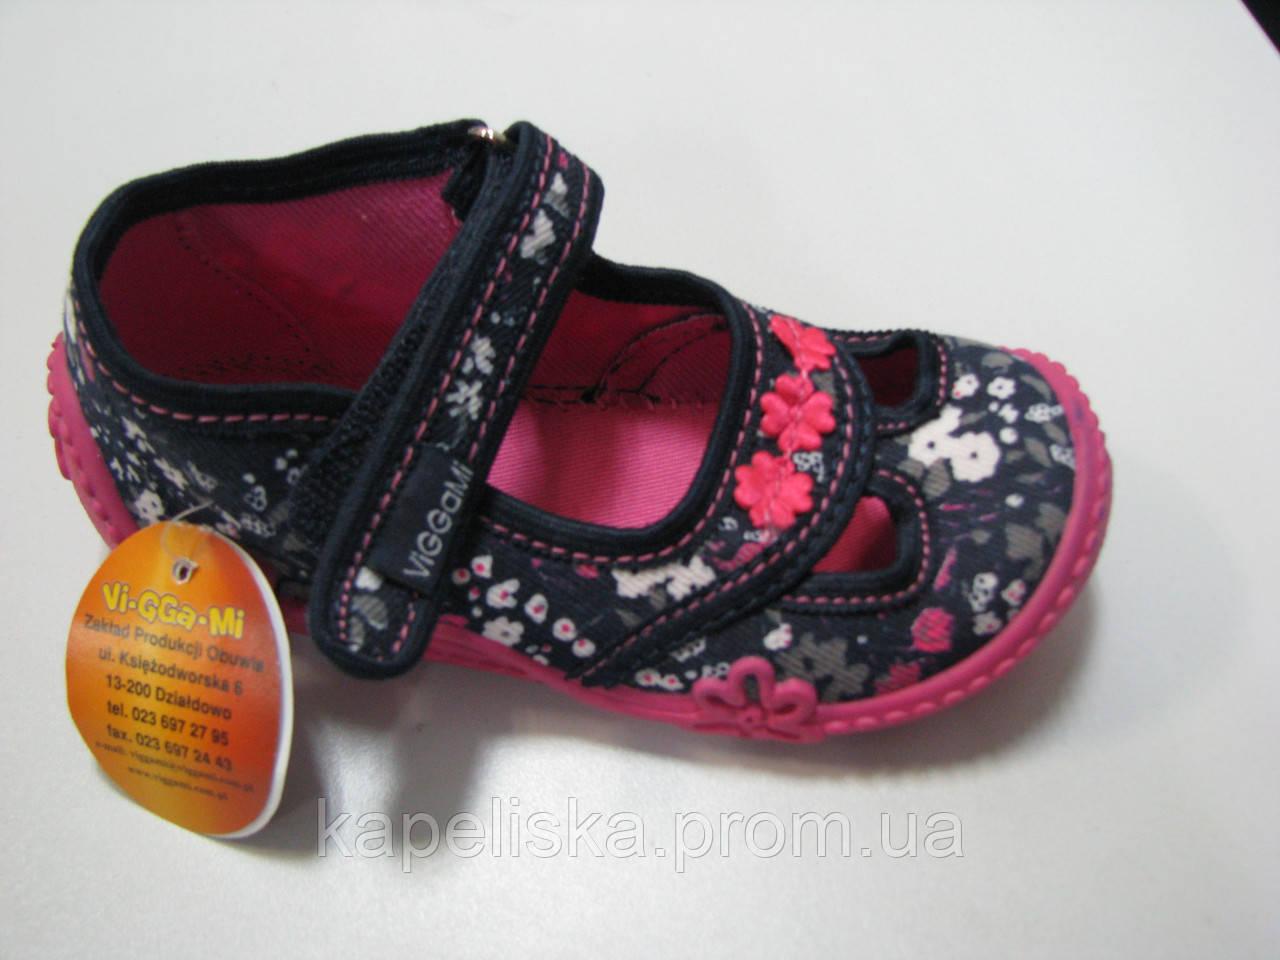 Viggami тапочки для девочки, босоніжки для дівчинки, 24 р,